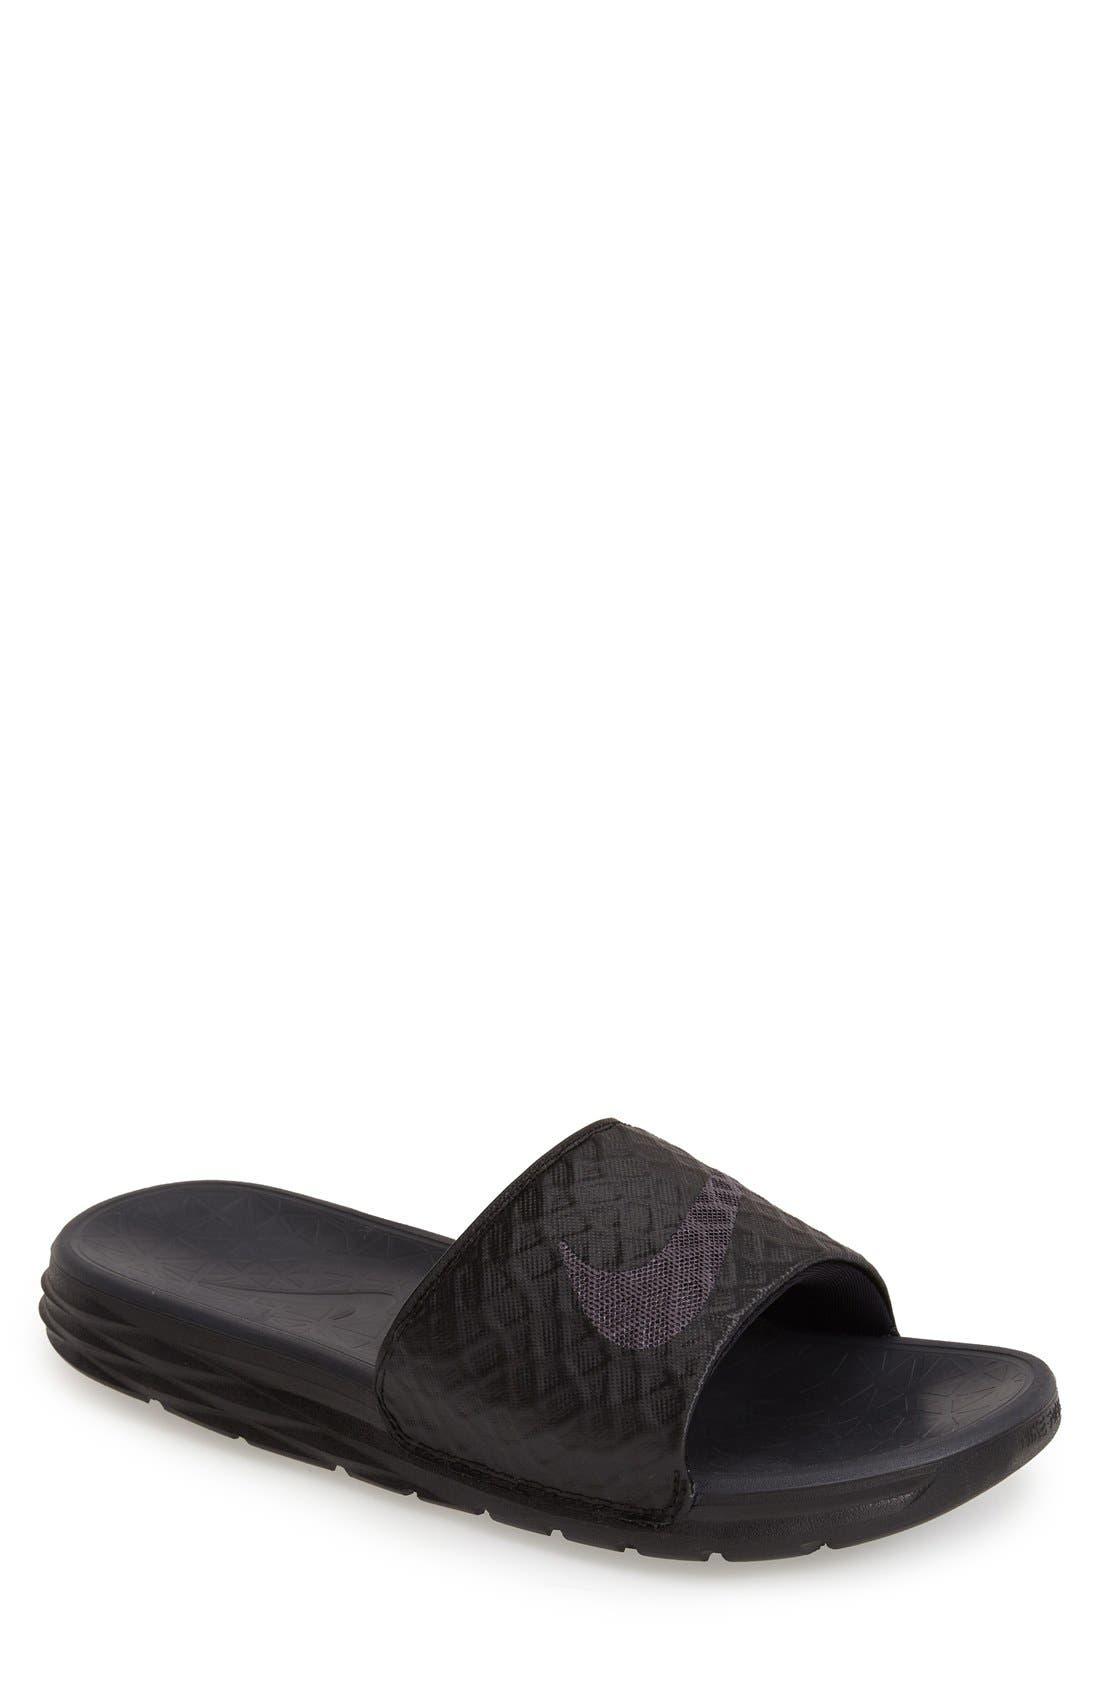 'Benassi Solarsoft 2' Slide Sandal,                         Main,                         color, BLACK/ ANTHRACITE